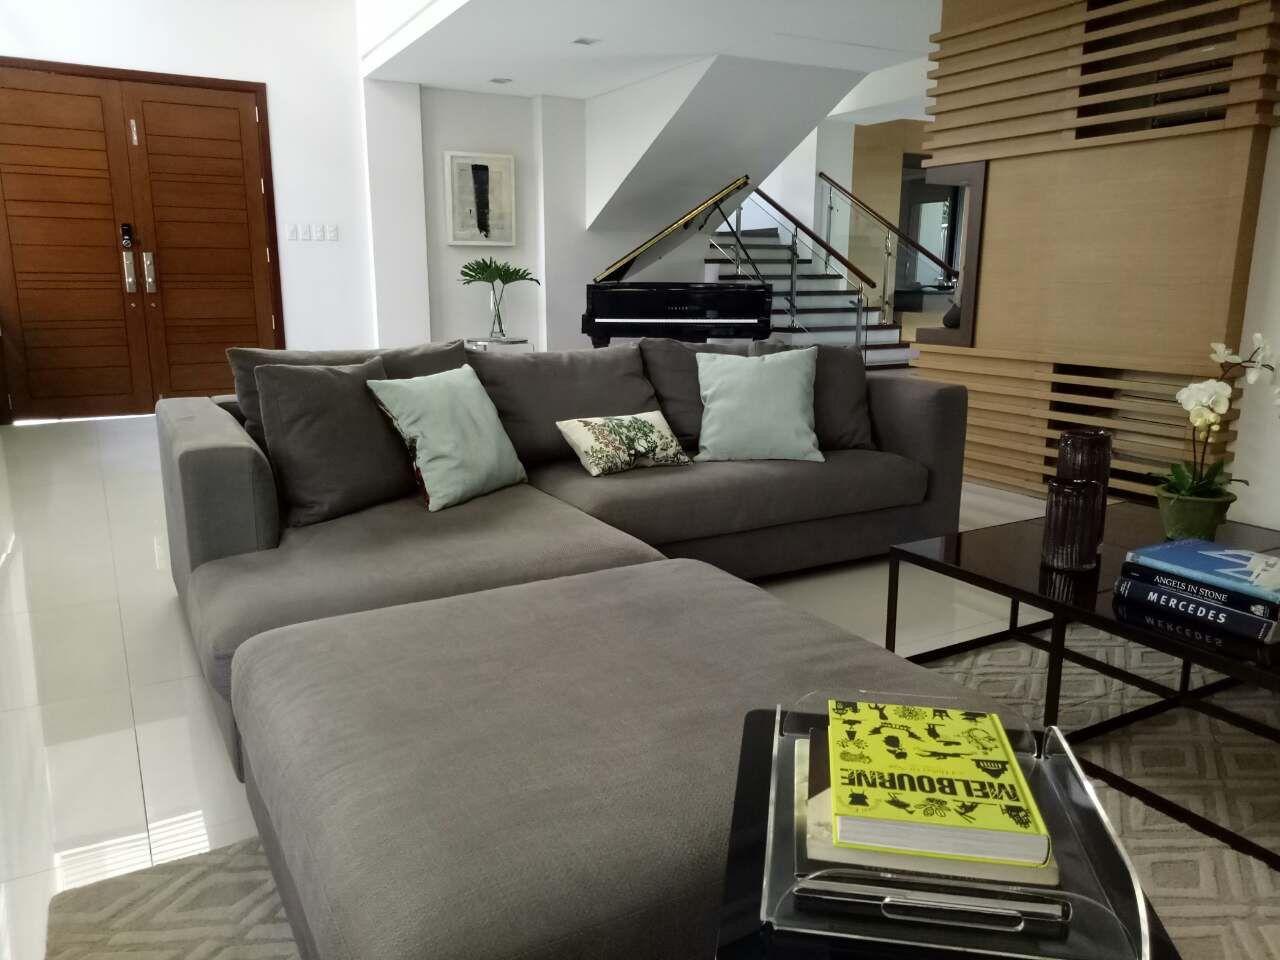 Home interior design hong kong home decor small apartment residential interior design hong kong